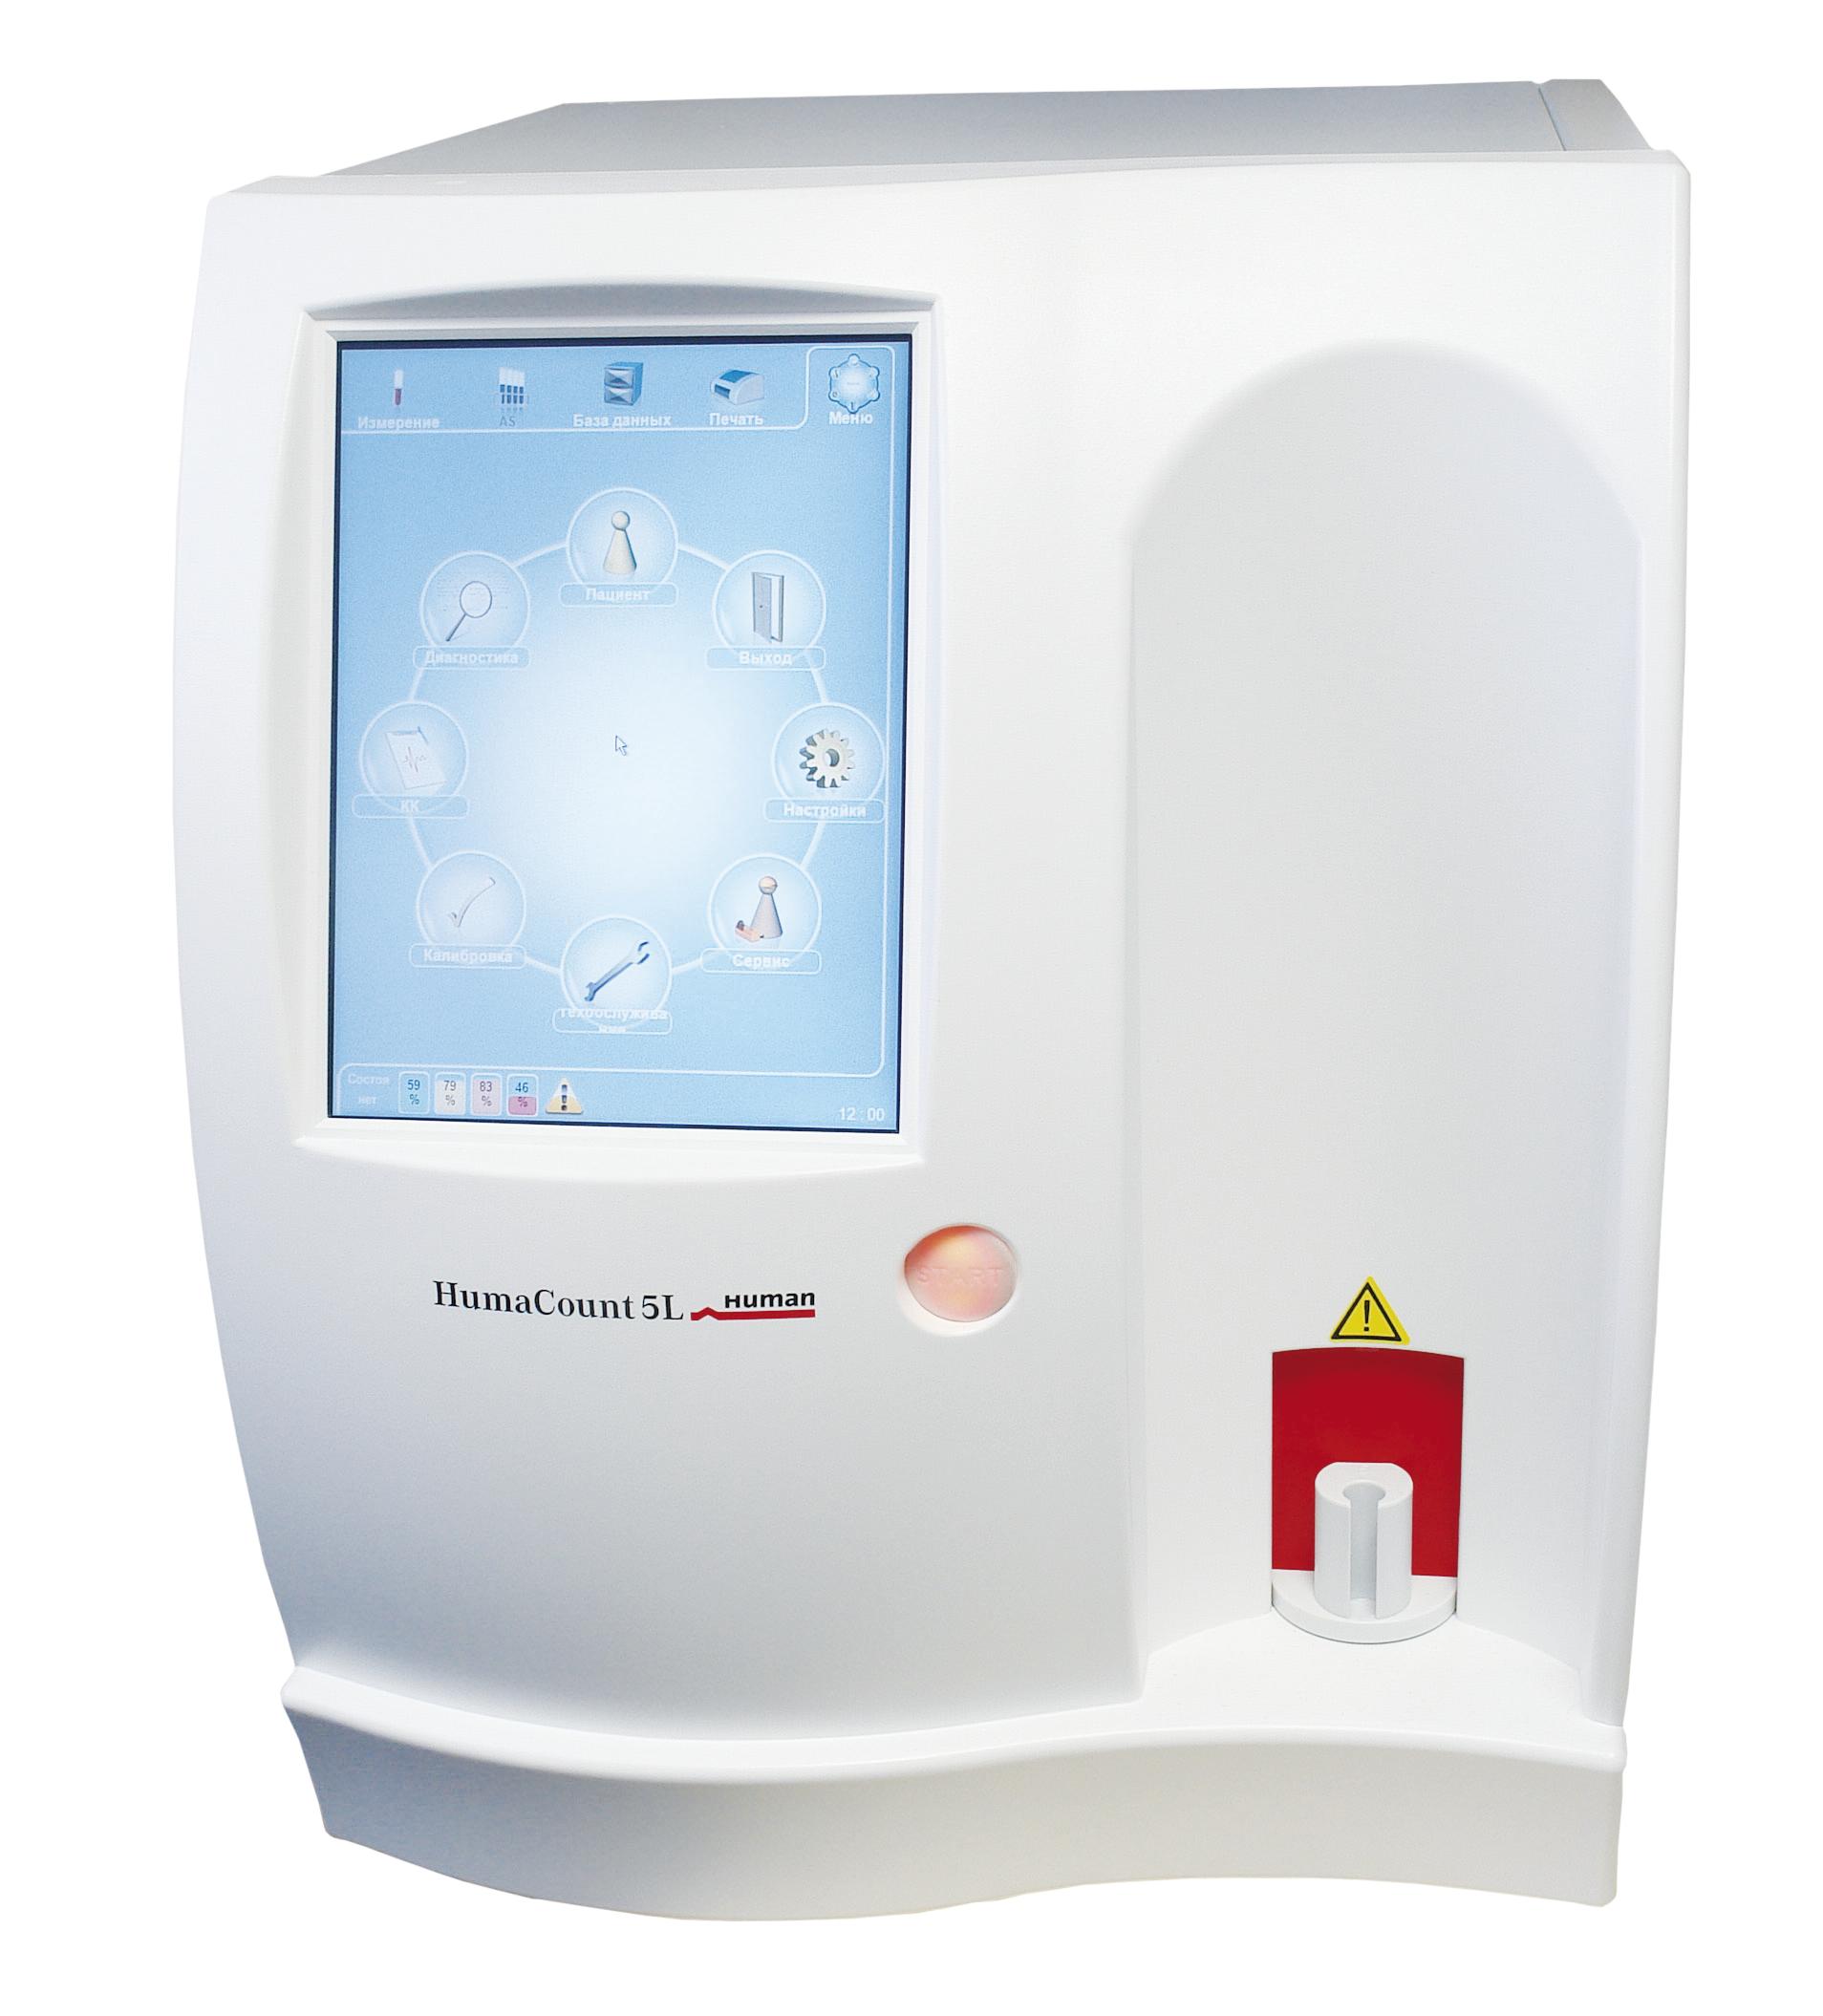 Гематологический анализатор-автомат HumaCount 5L, c автоподатчиком, дифференциация 5-diff